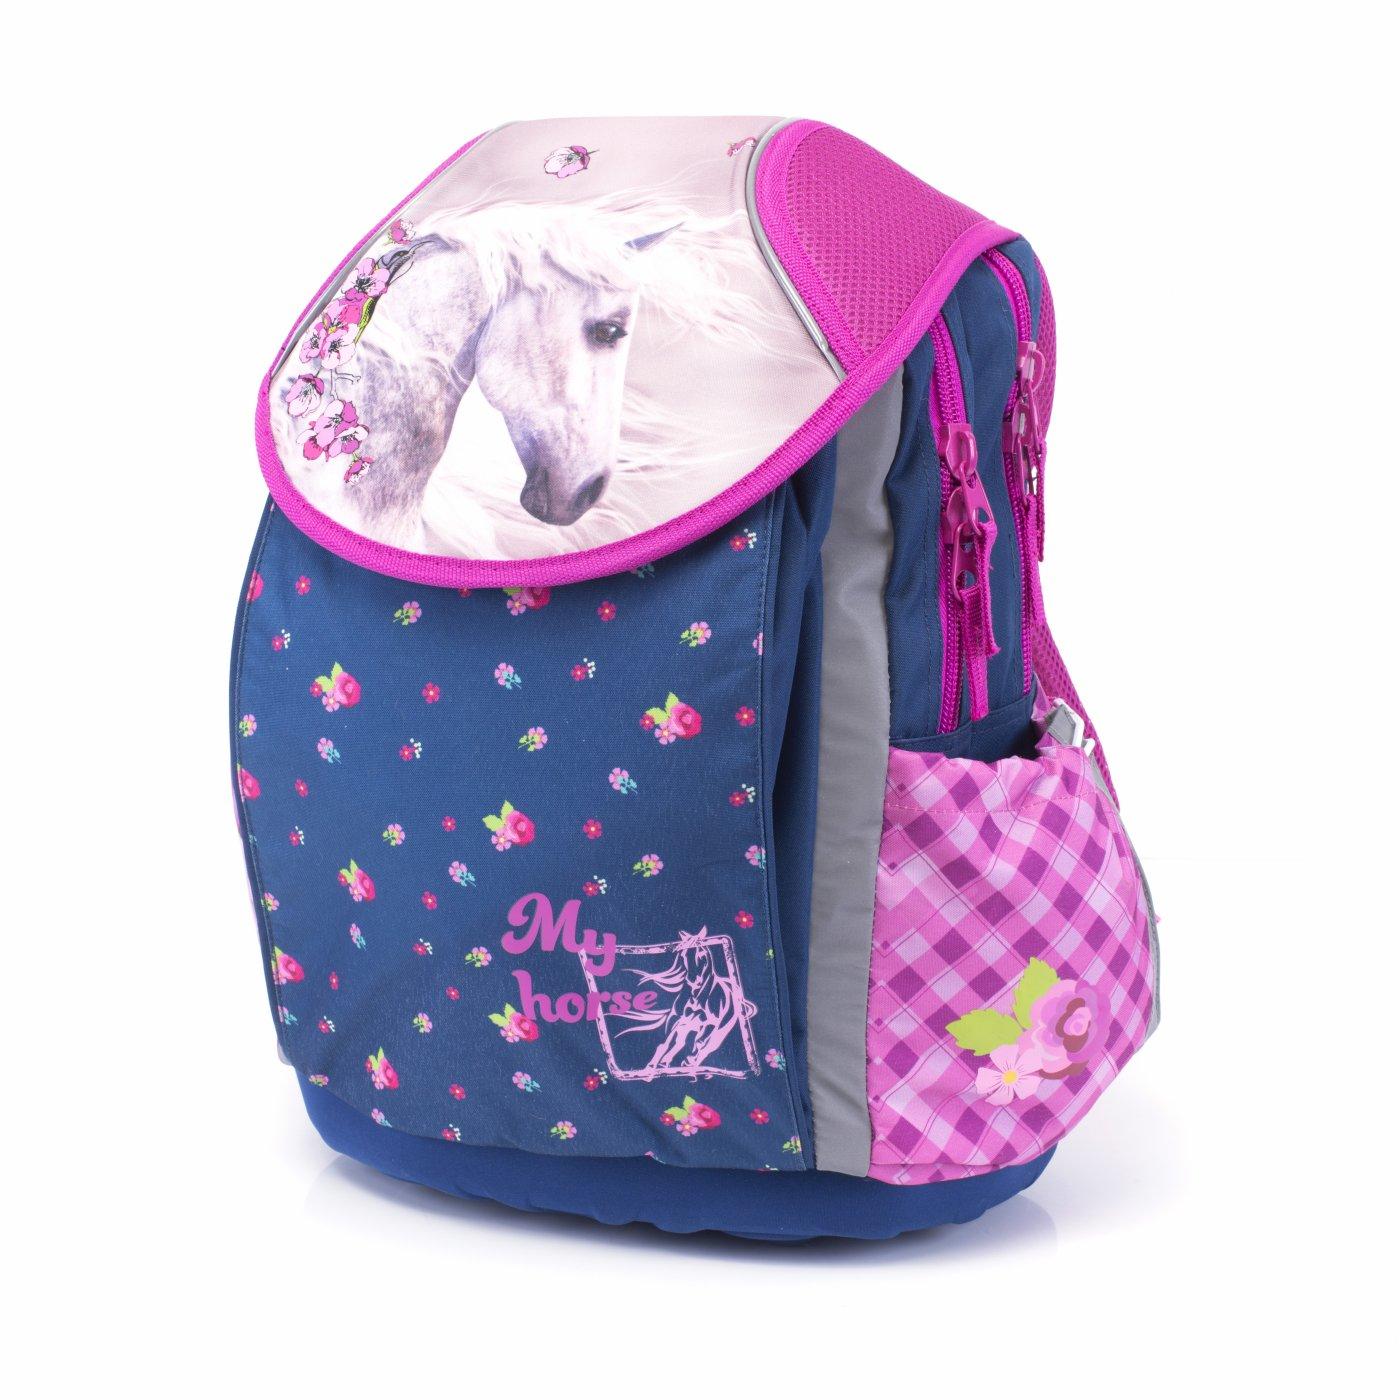 Školní batoh PLUS kůň - Školní potřeby » BATOHY A AKTOVKY » PLUS 6891c0de82